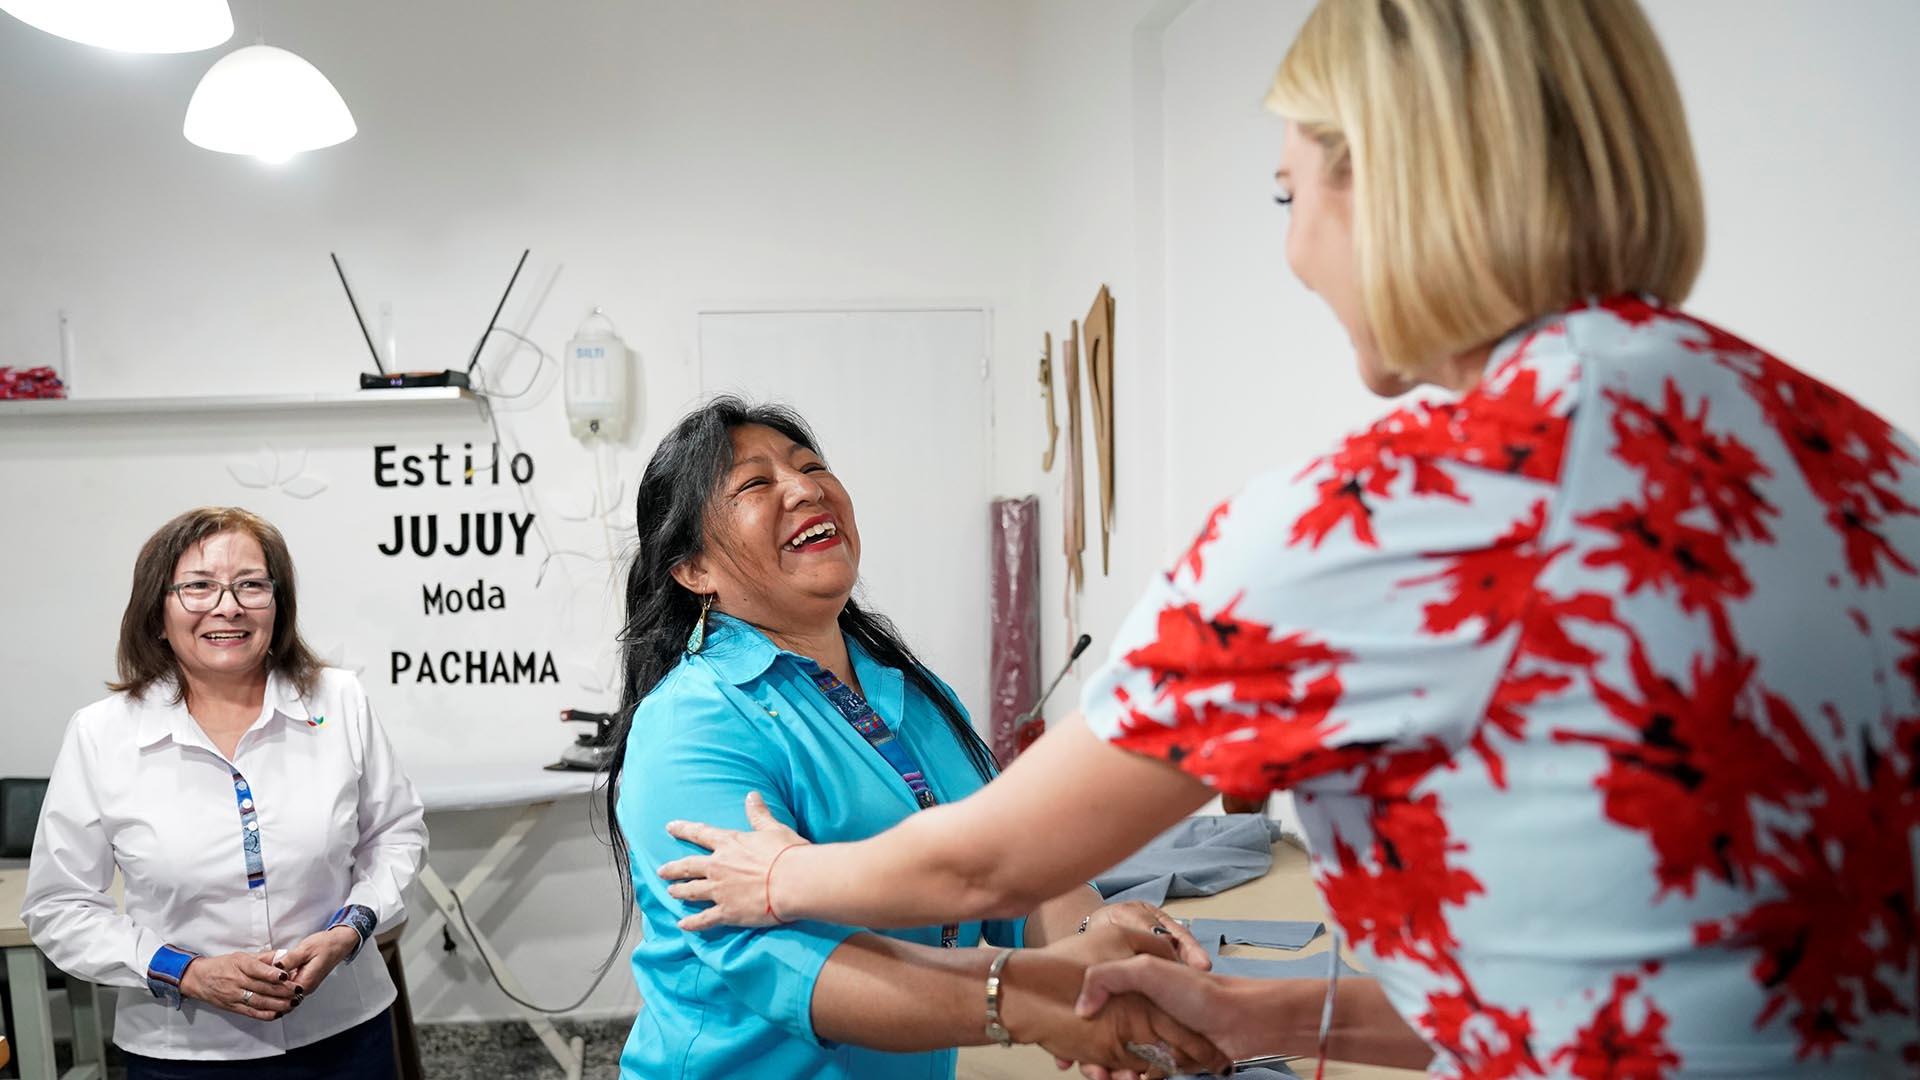 """""""Estilo Jujuy, Moda Pachama"""",es uno de los locales que recibió microcréditos de los Estados Unidos en el marco de un programa de empoderamiento de mujeres"""